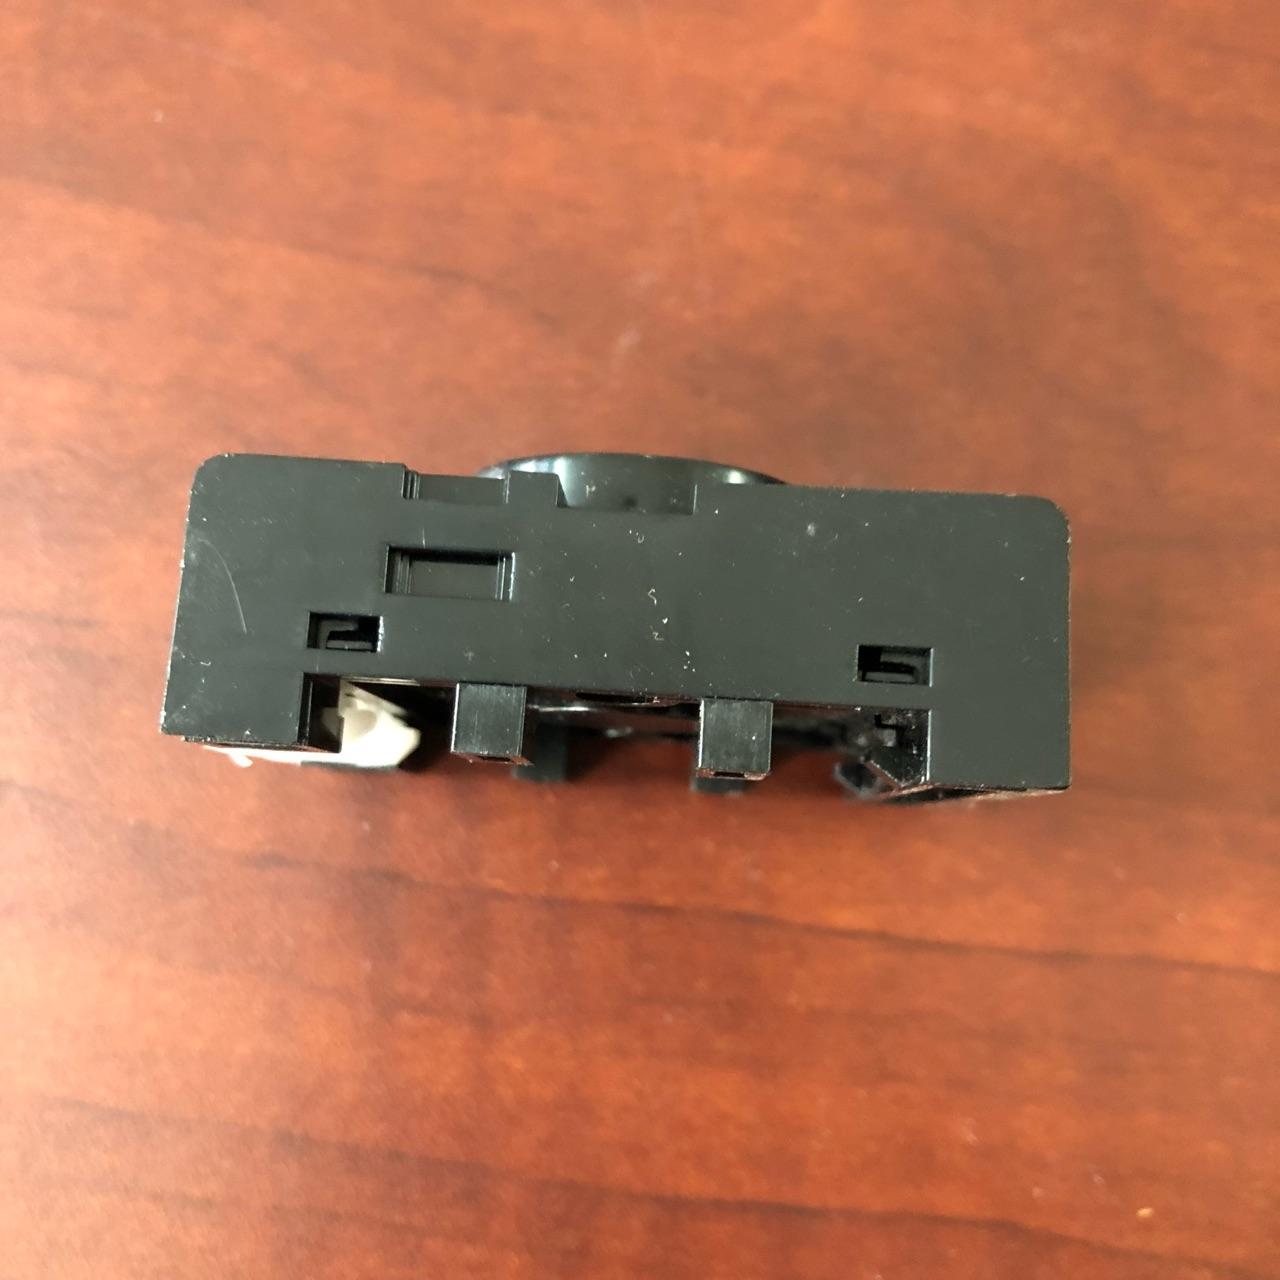 Đế cắm cho relay 8 chân tròn  SH-RS8 SH RS8 Sungho